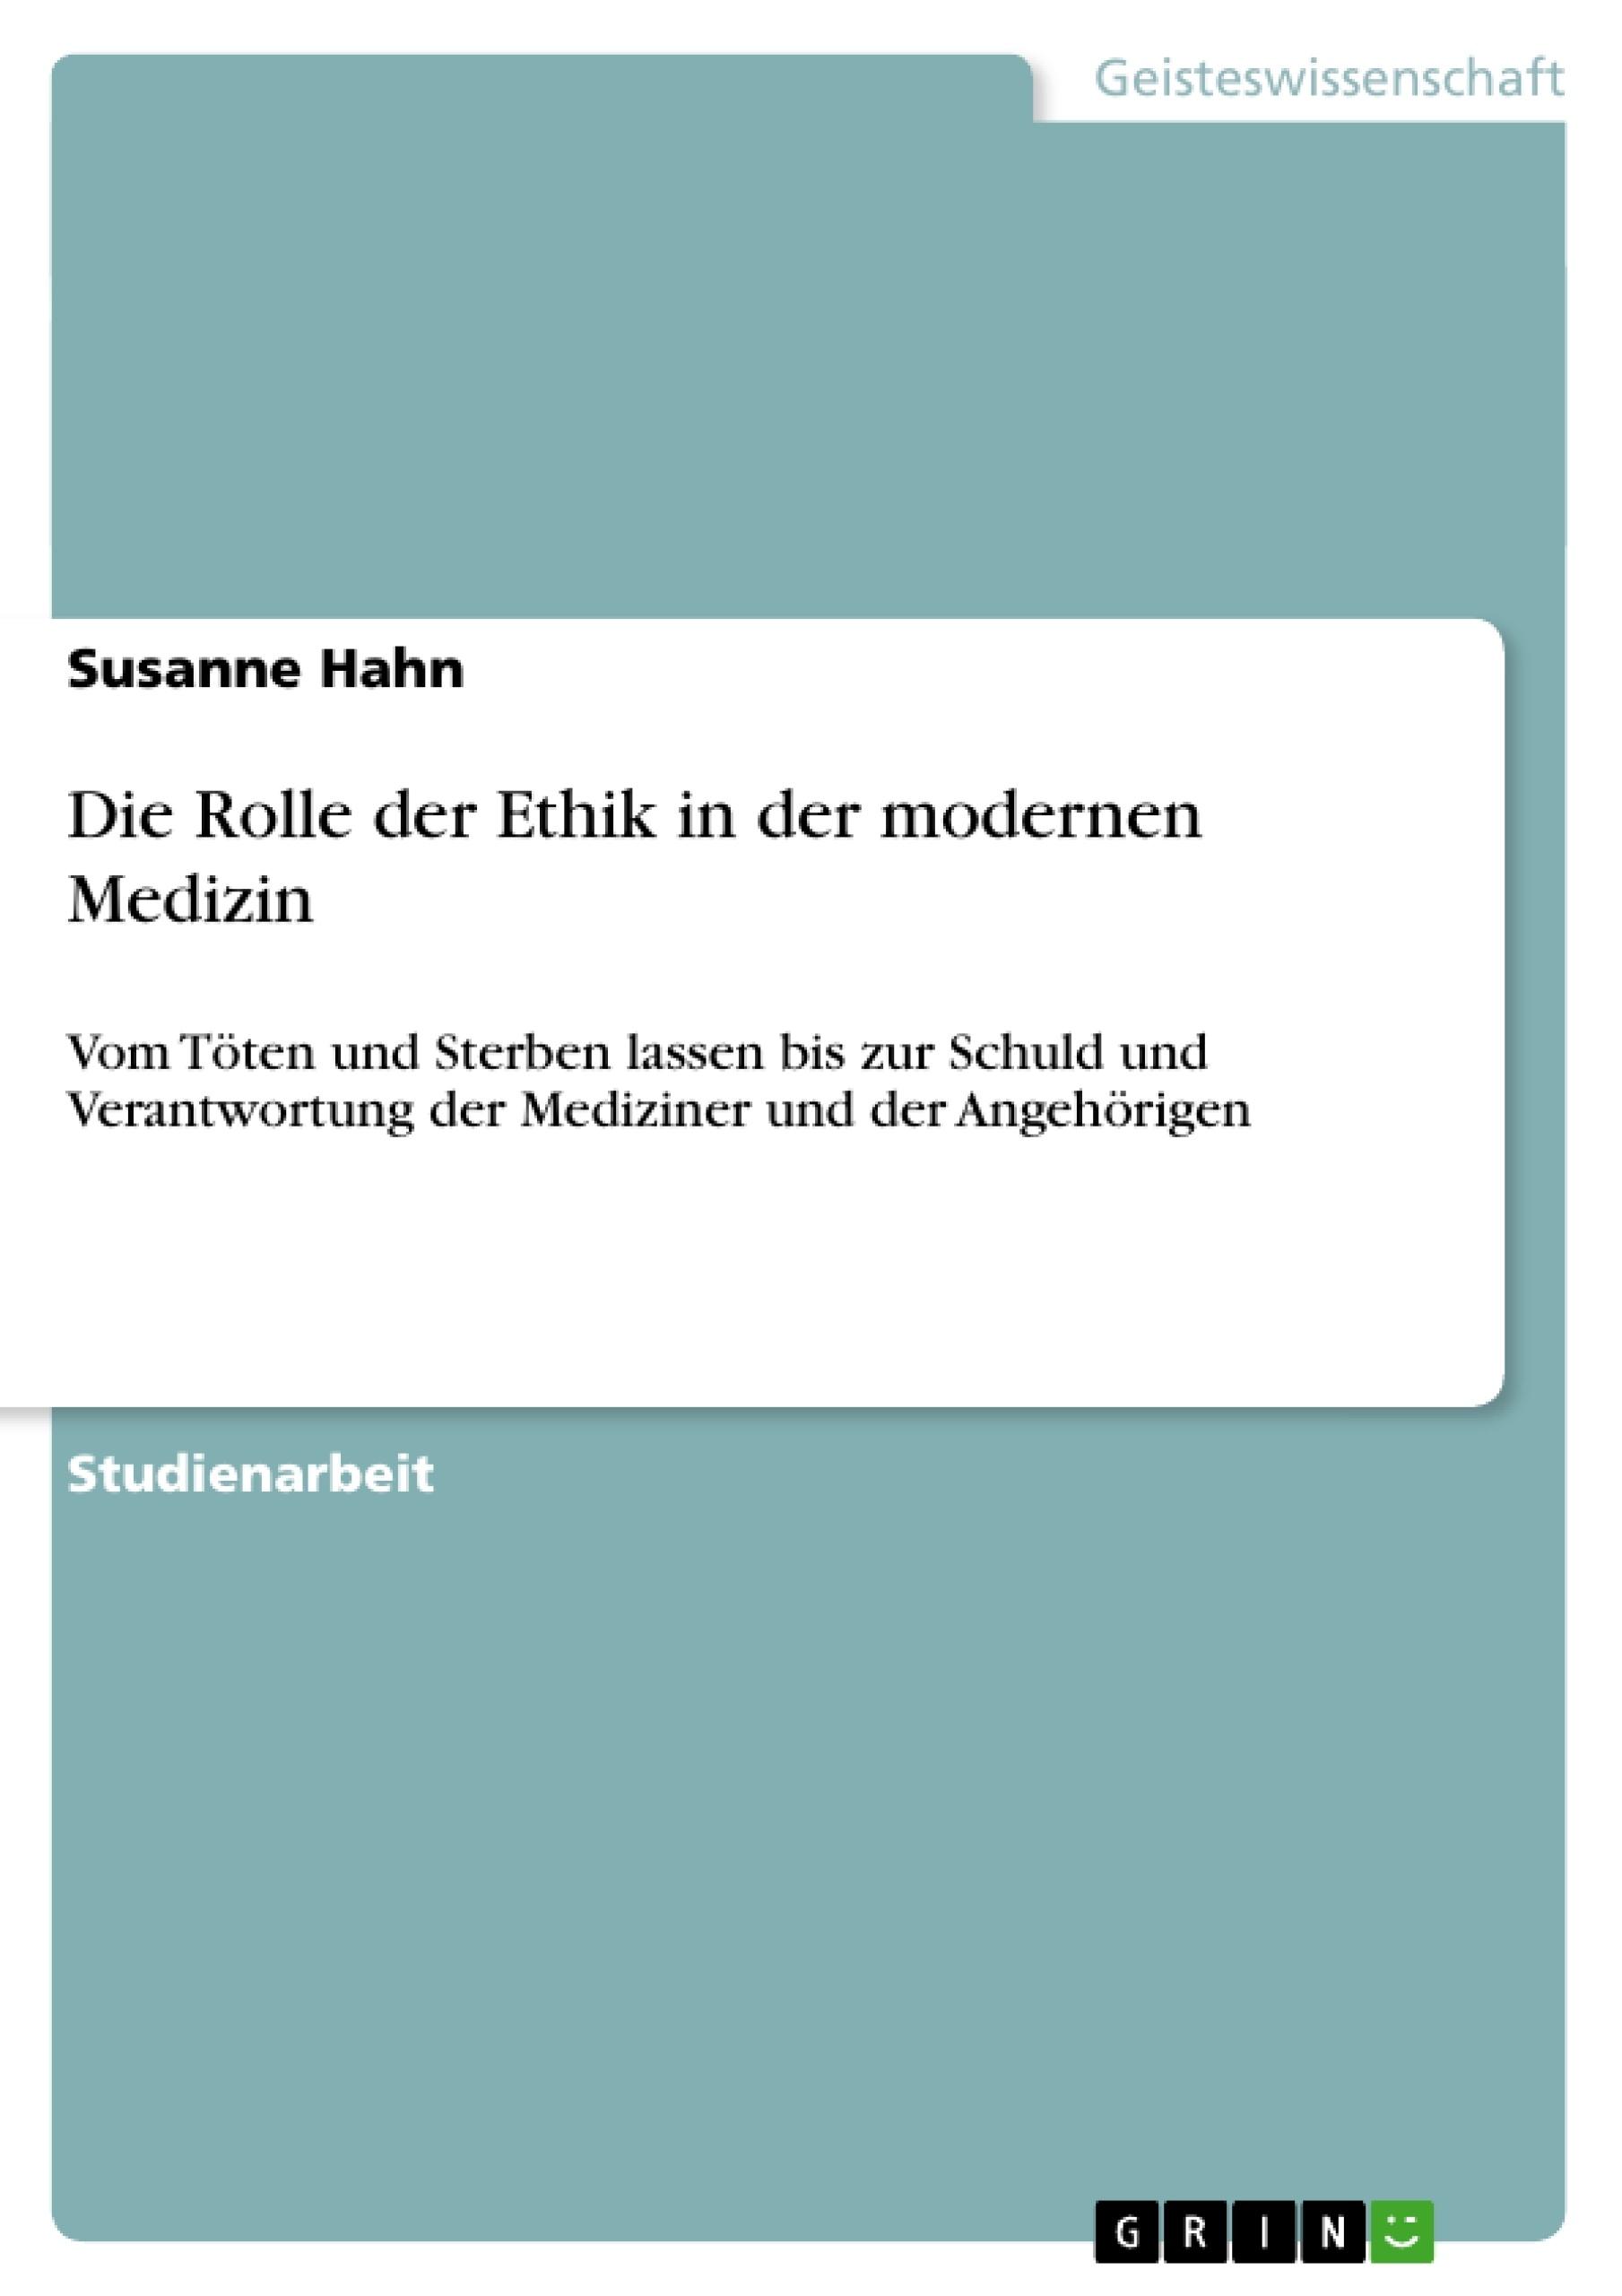 Titel: Die Rolle der Ethik in der modernen Medizin